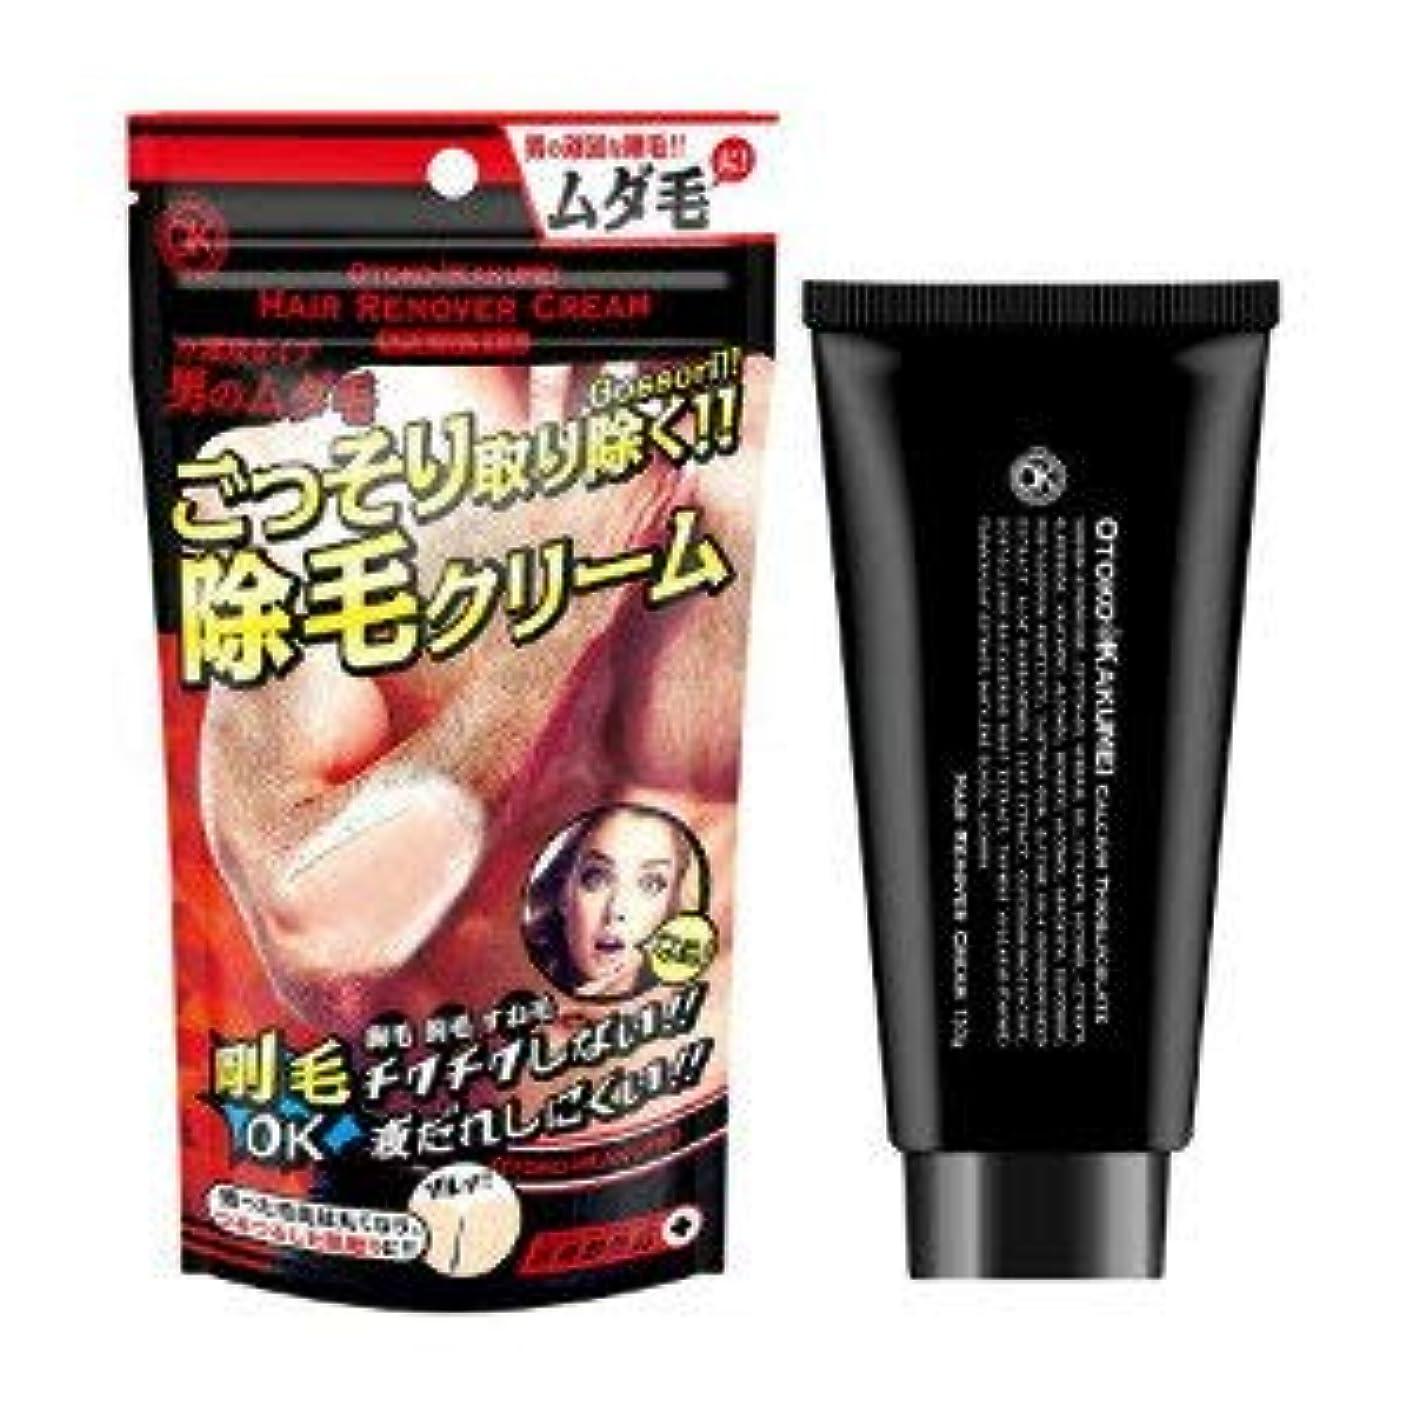 シリングデコードする肯定的GR OTOKO KAKUMEI ヘアリムーバークリーム 130g×3個セット (医薬部外品)